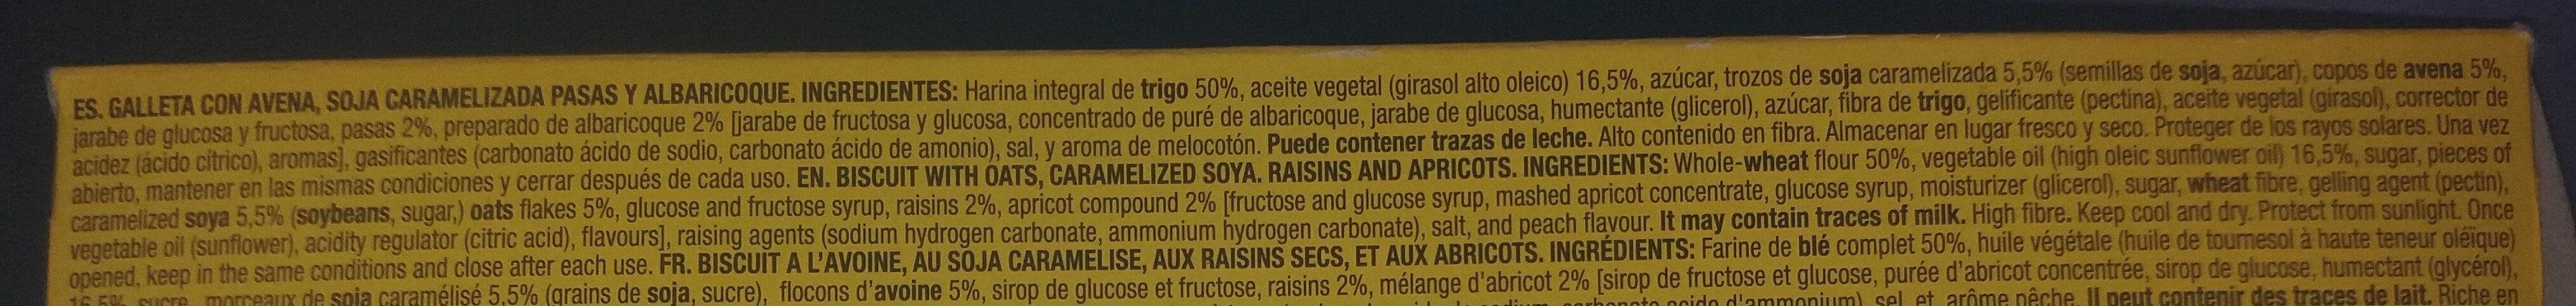 Digestive Muesli - Ingredients - es